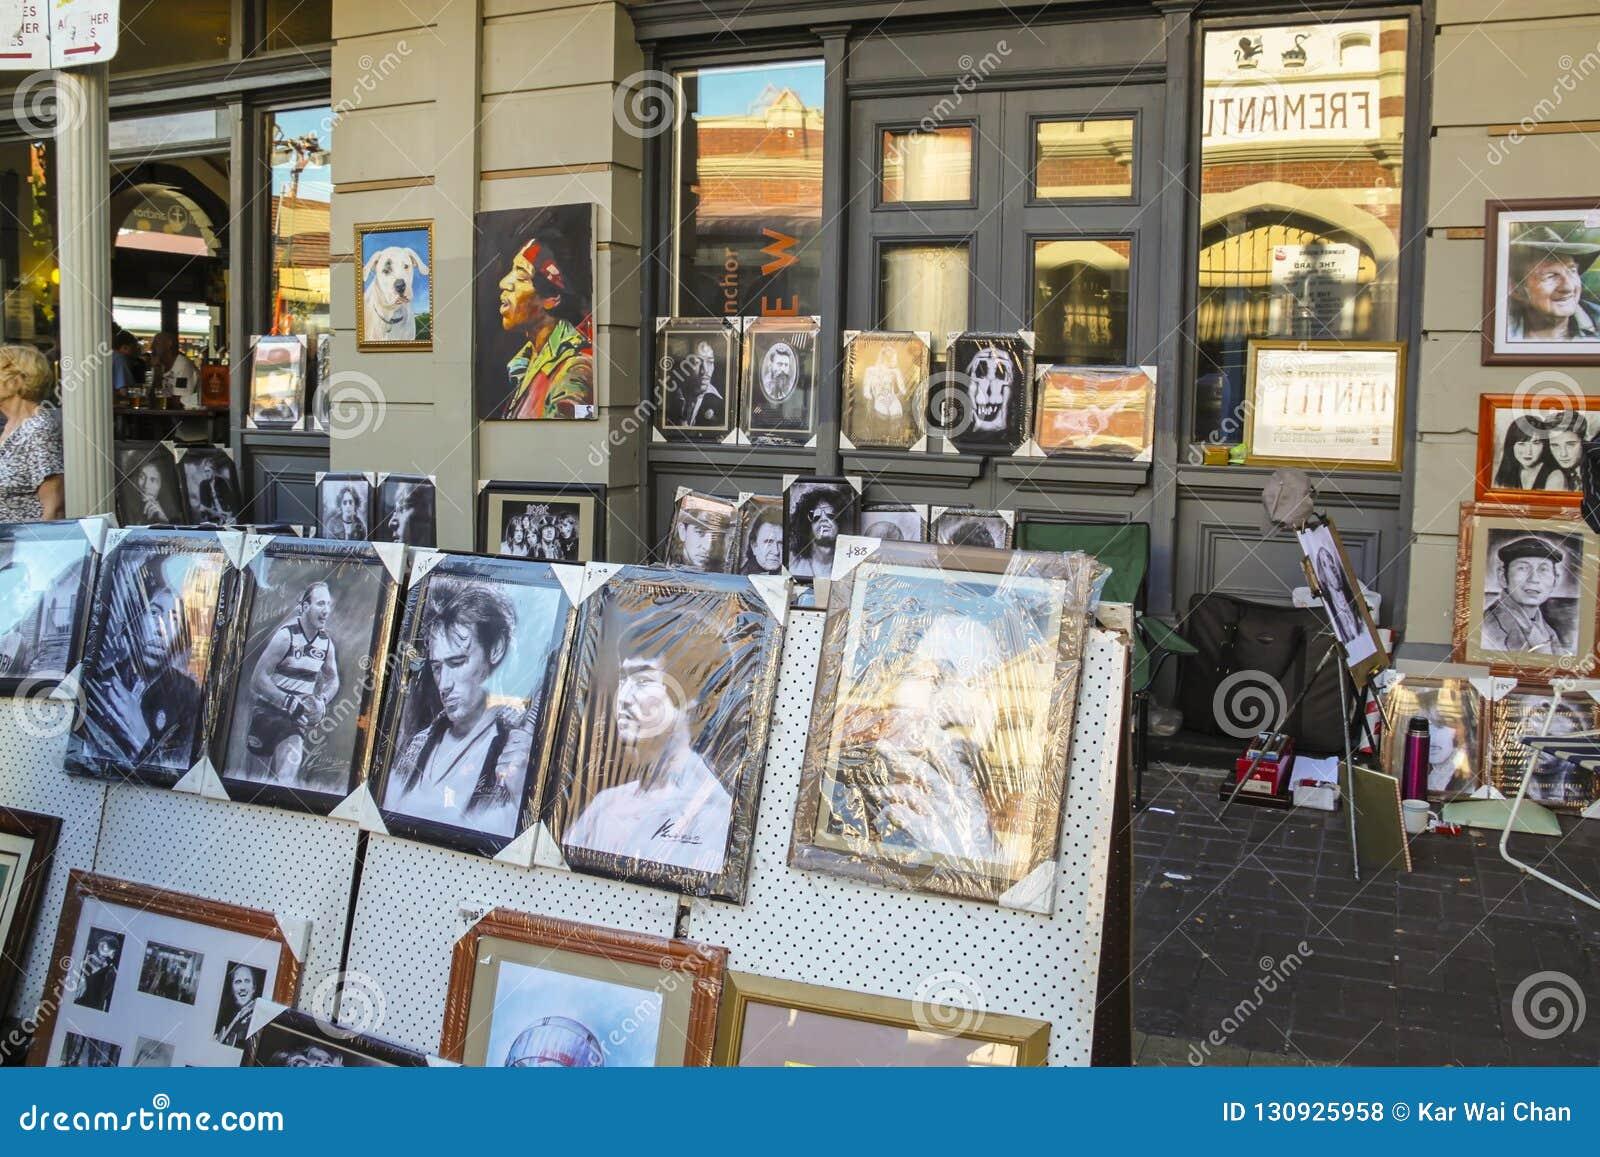 Fremantle, zachodnia australia - 2011: portretów obrazy sławne osobistości